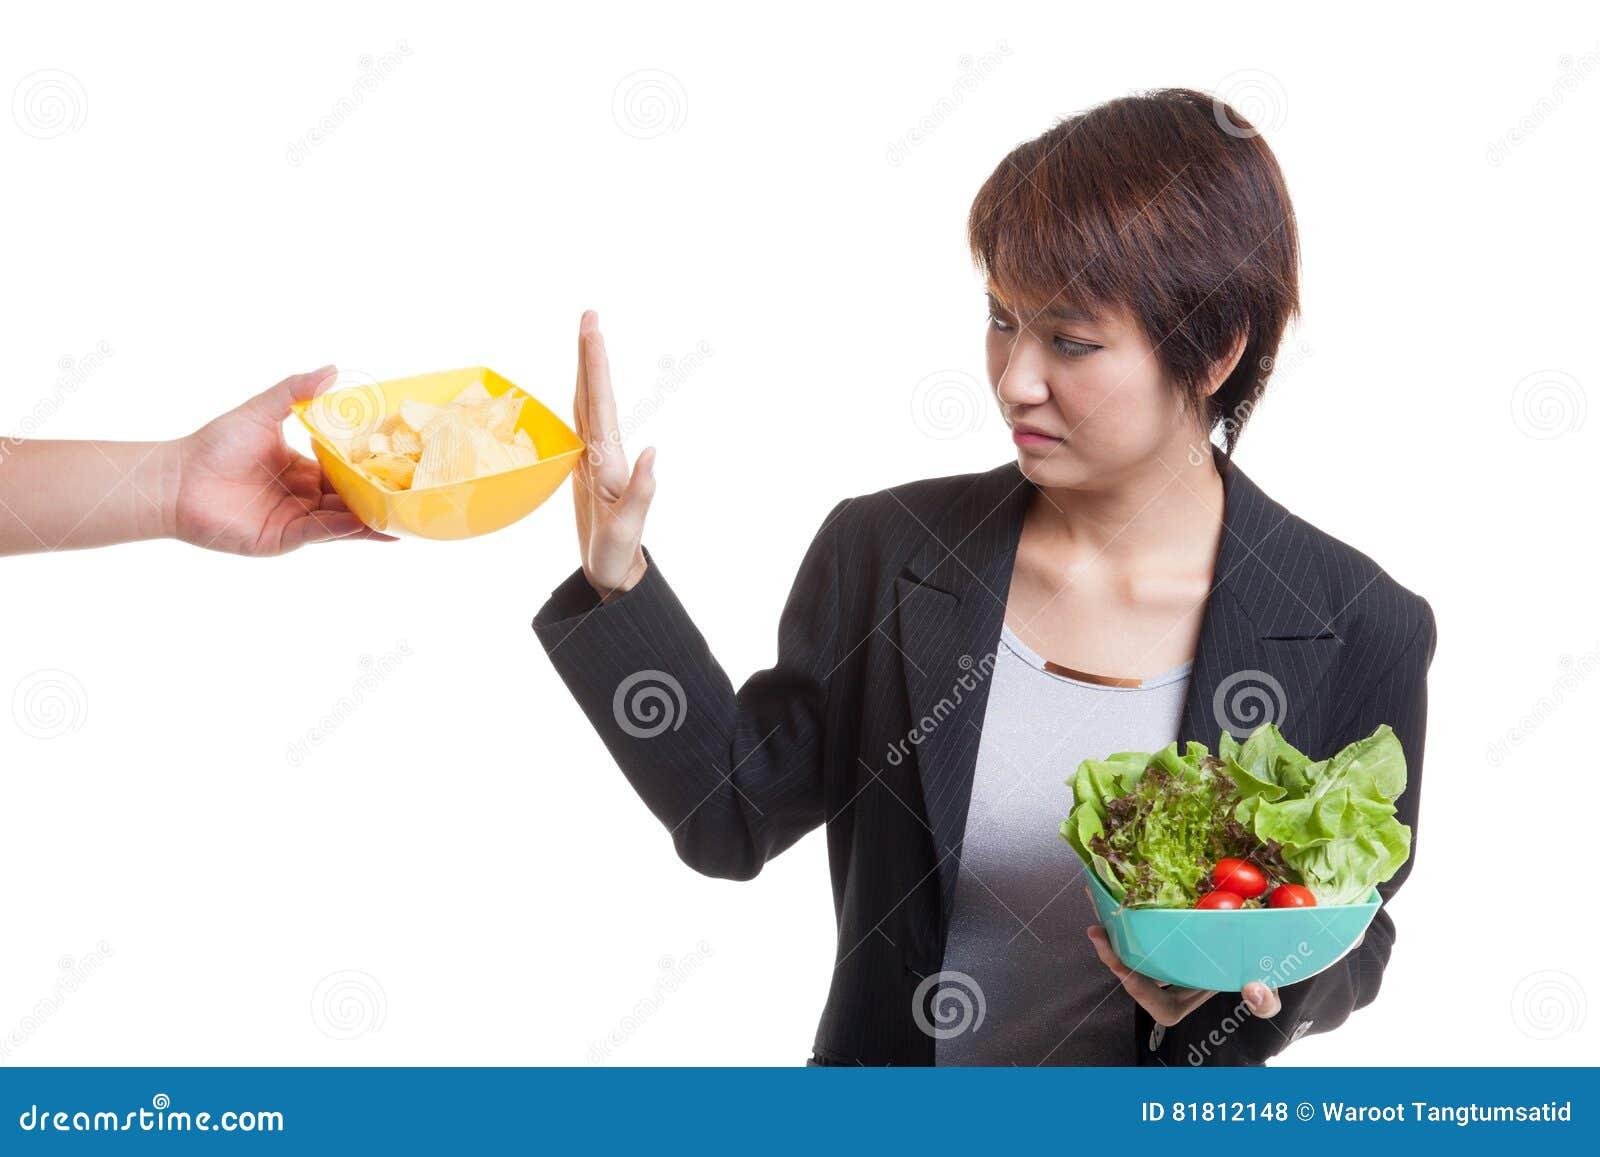 Молодая азиатская женщина с салатом говорит нет к картофельным стружкам